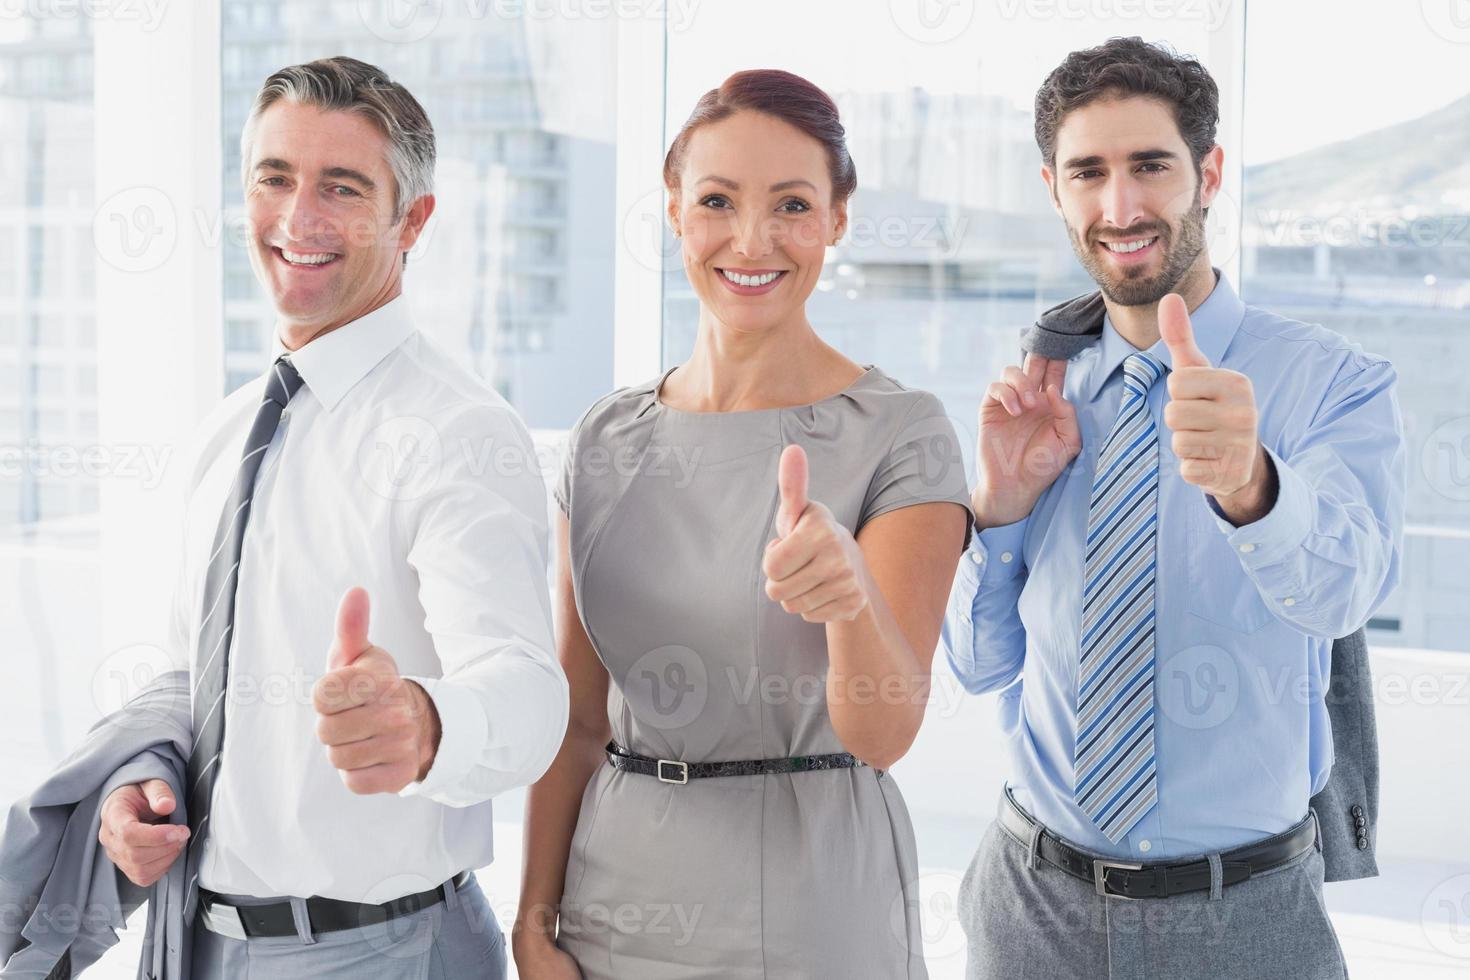 Geschäftsfrau lächelnd bei der Arbeit foto